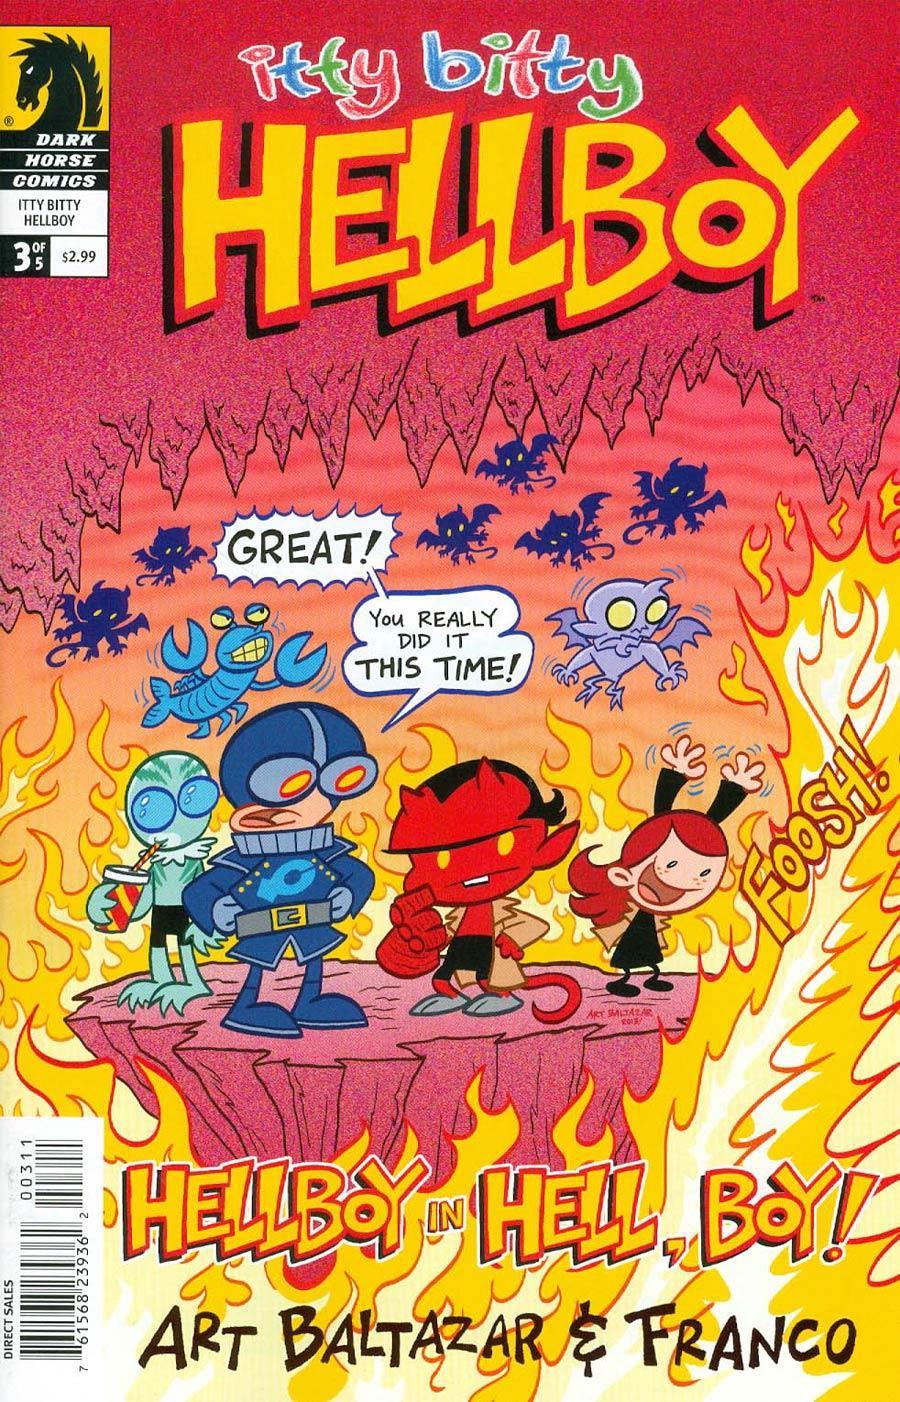 Itty Bitty Hellboy #3 Cover A Art Baltazar